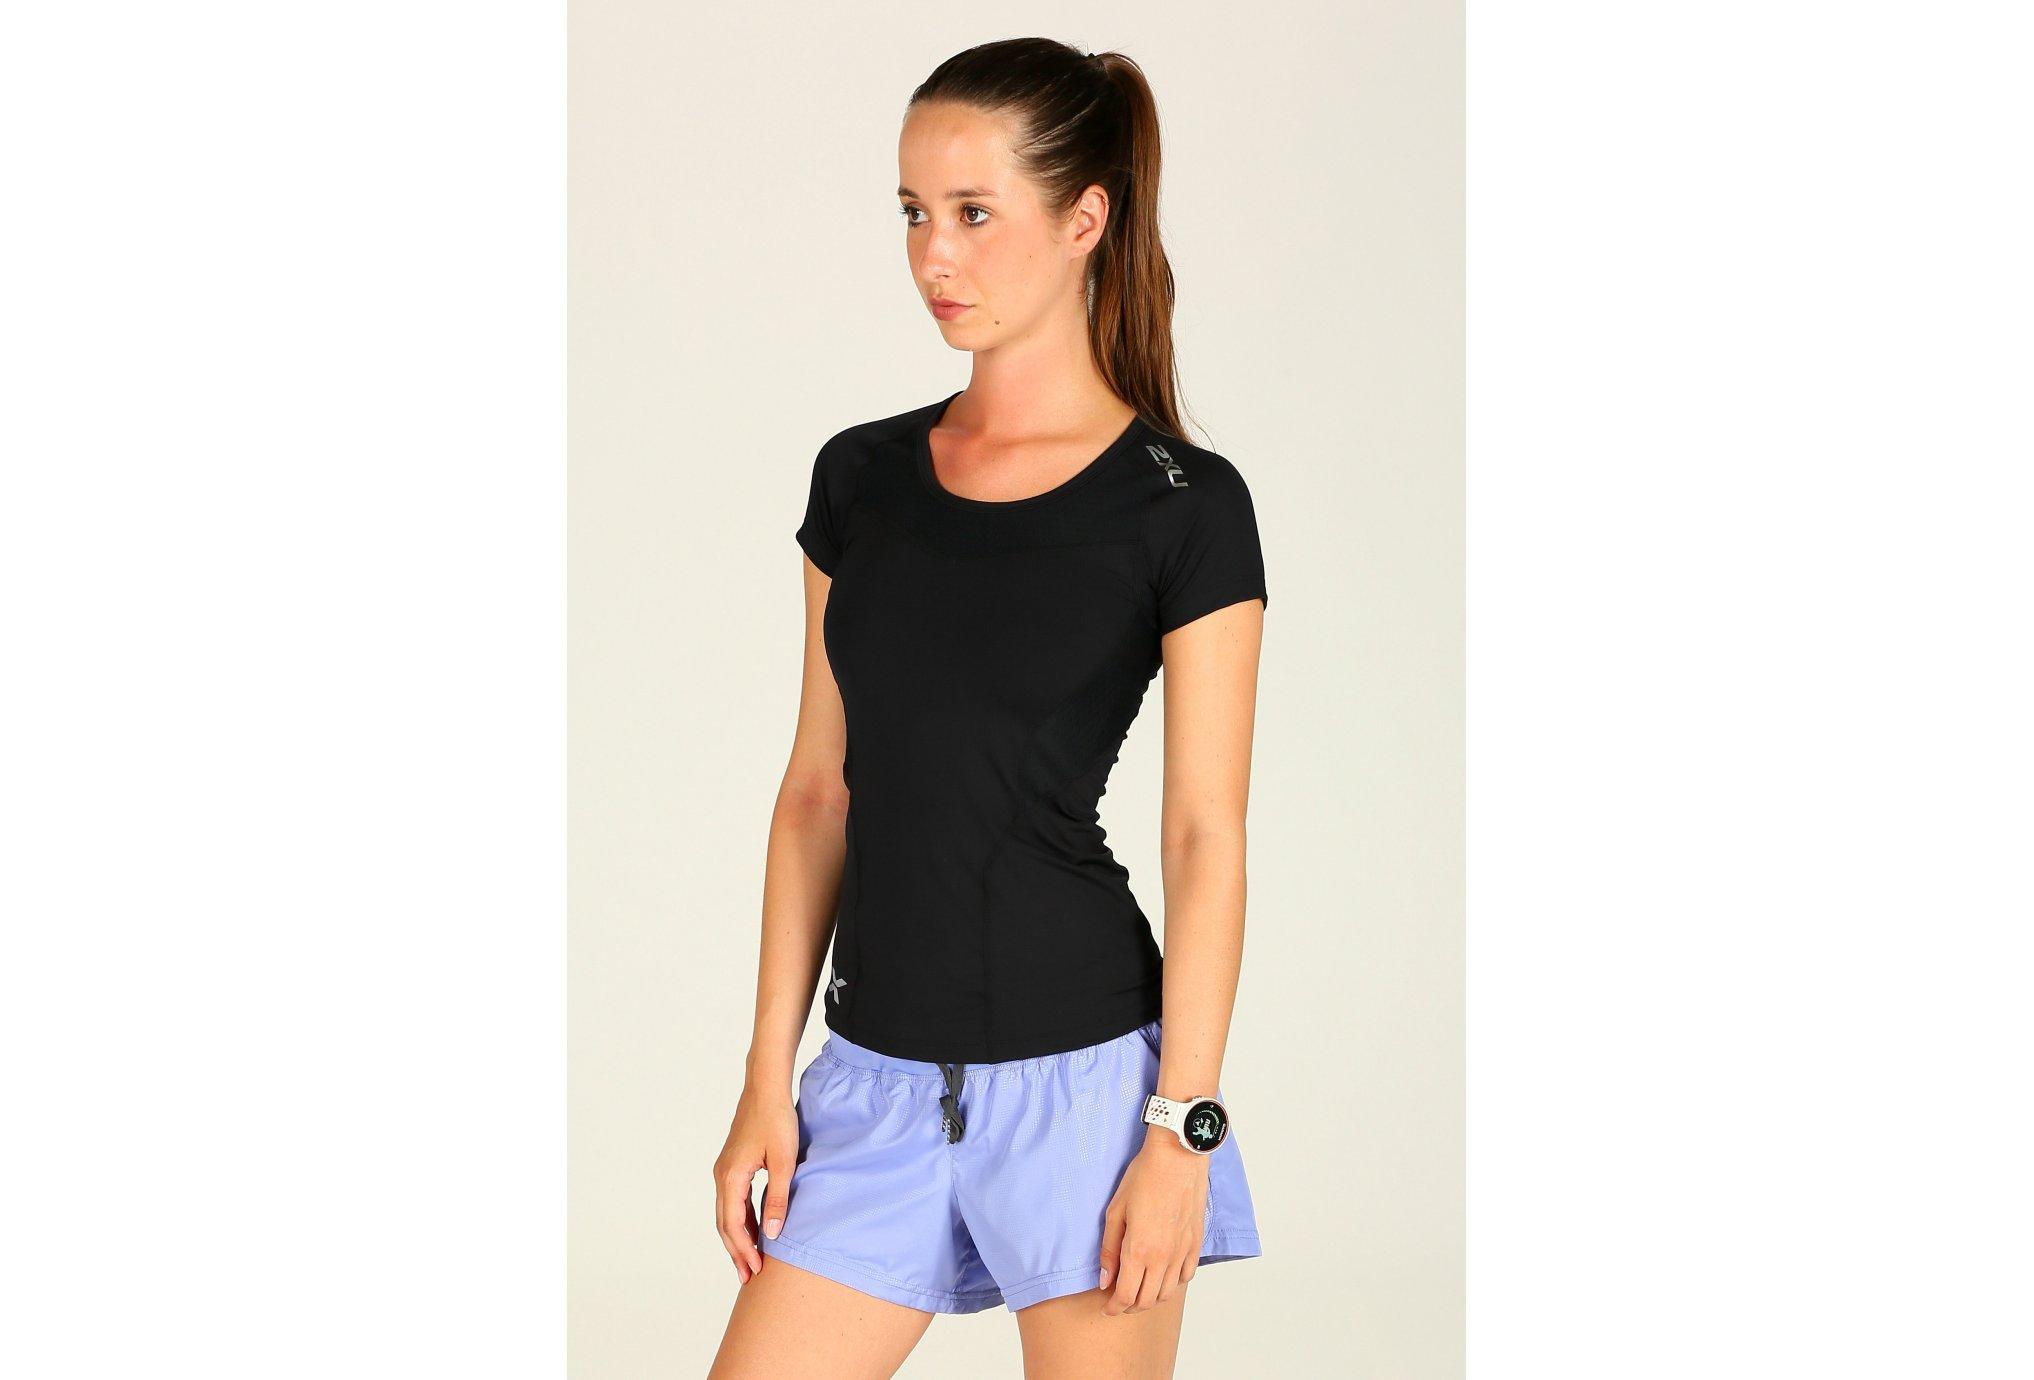 2xu Tee-Shirt s/s xform compression w vêtement running femme